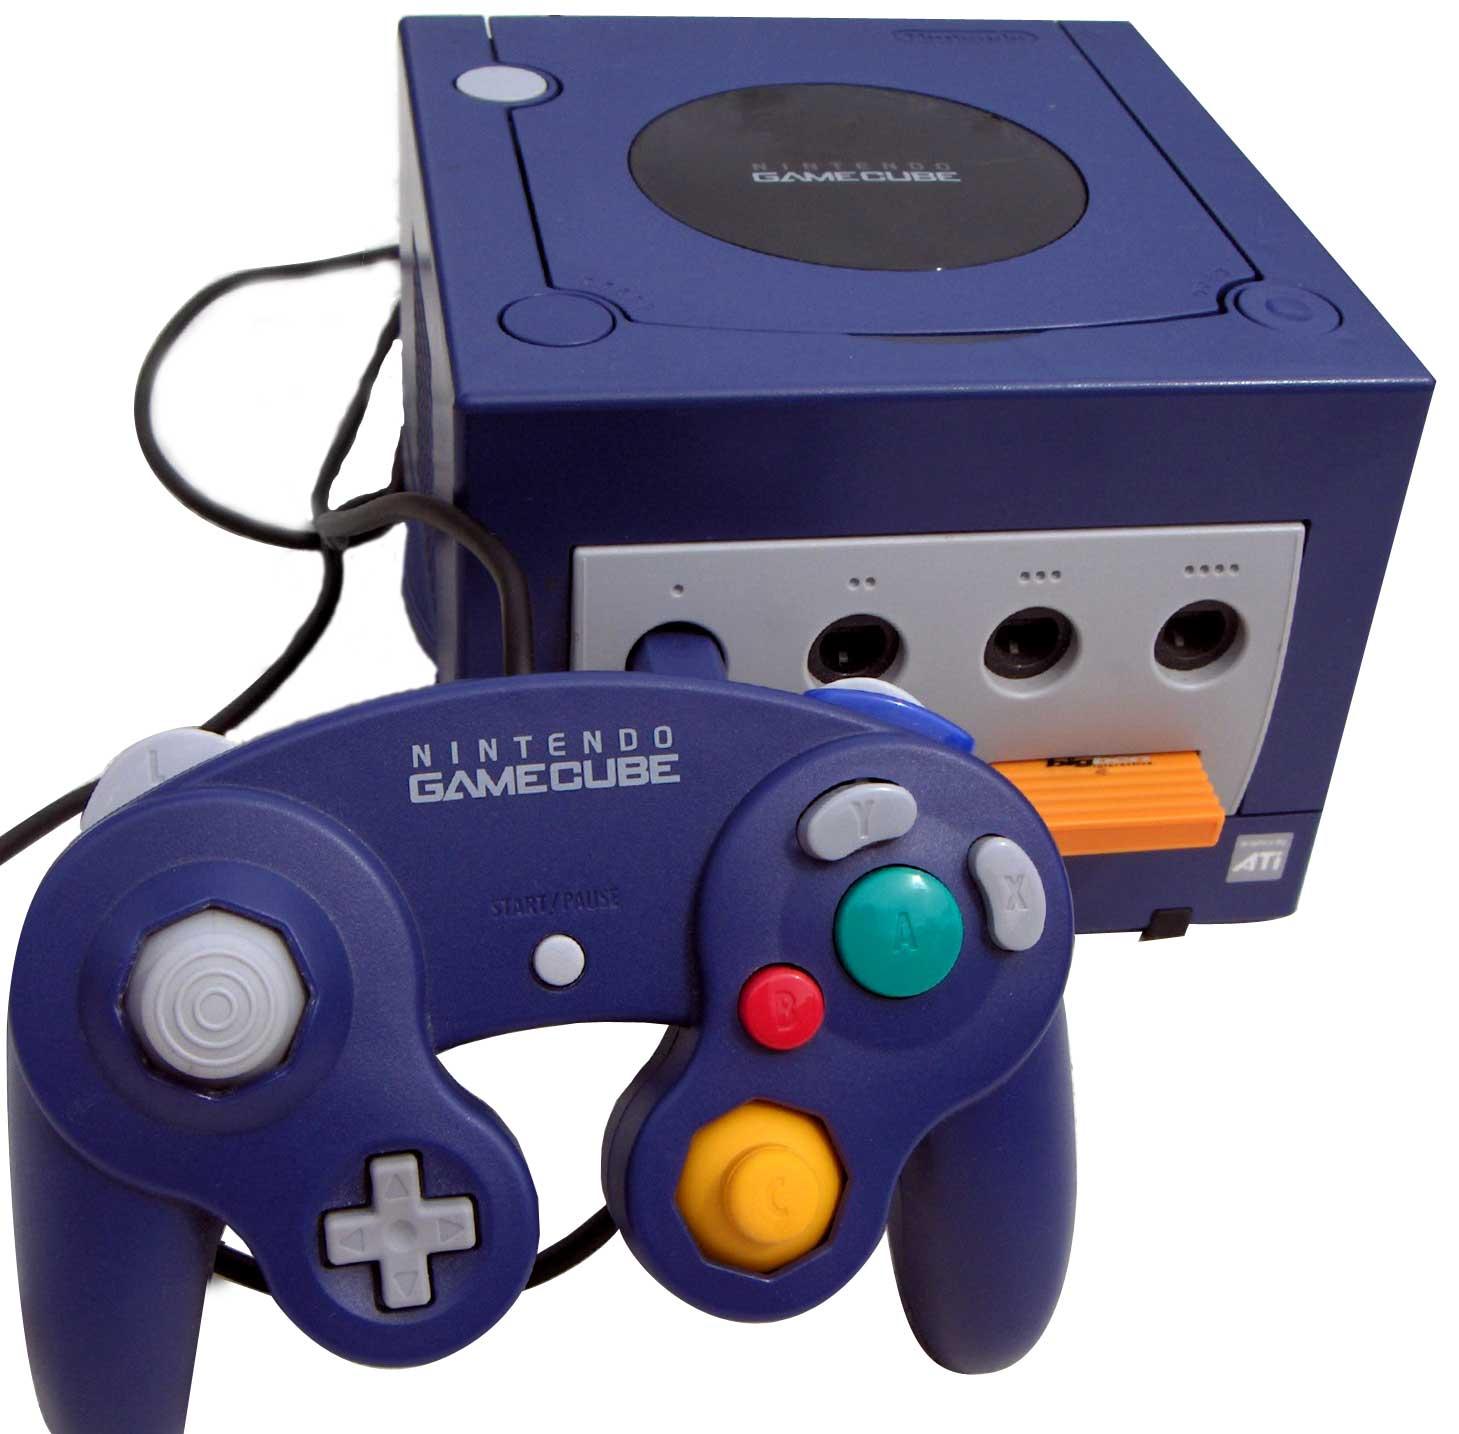 Nintendo GameCube | Wikitroid | Fandom powered by Wikia